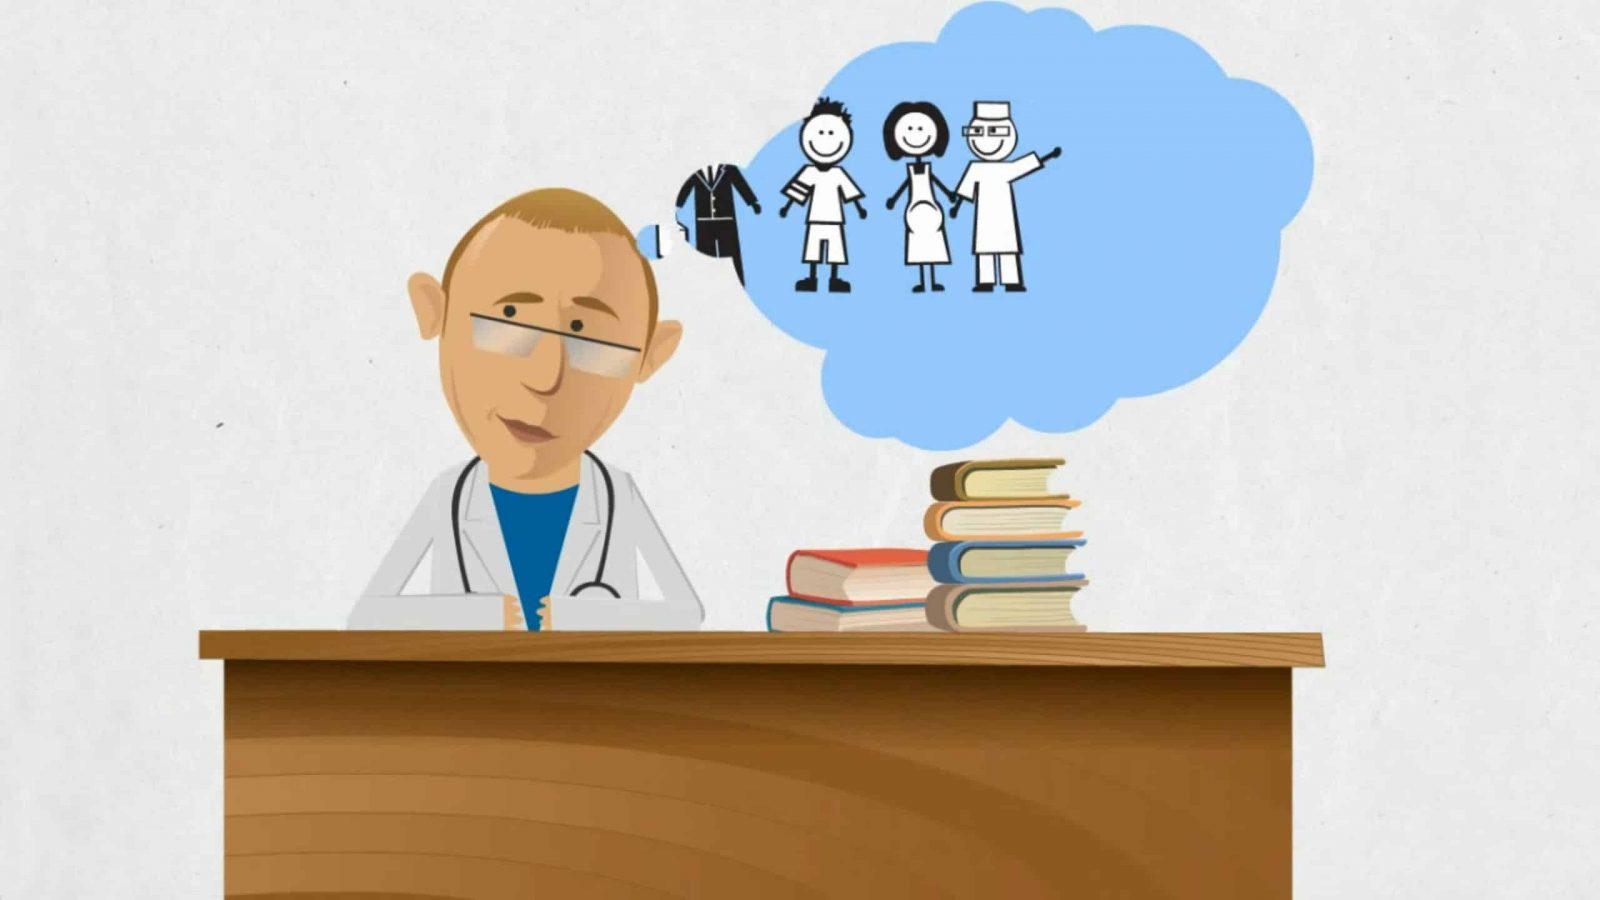 Web3D - סרטוני תדמית אנימציה - GBooking - פלאש